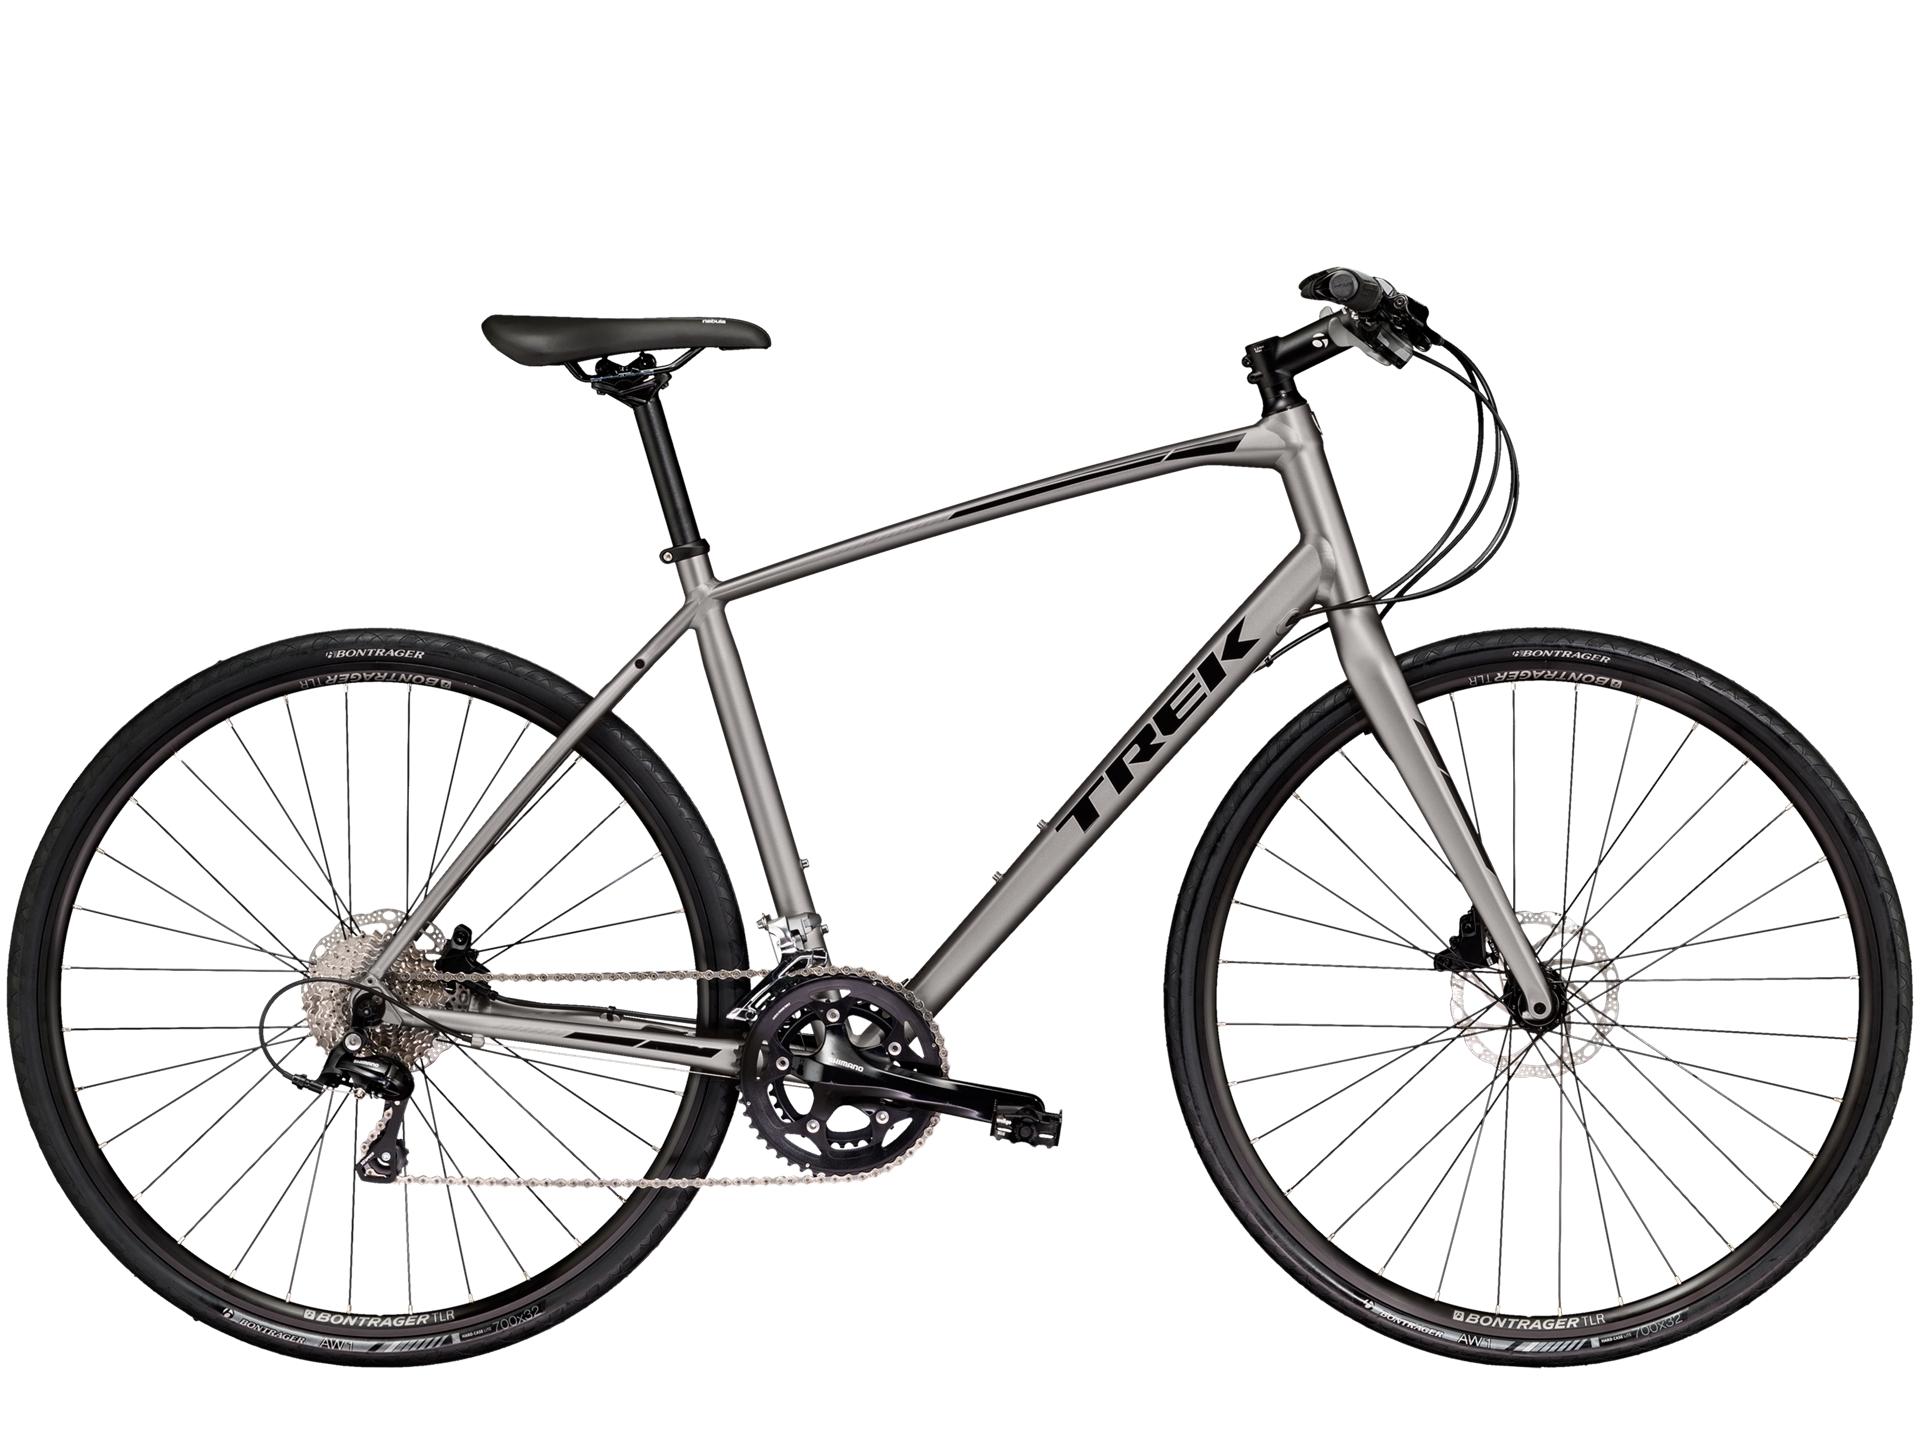 1341000 2018 A 1 FX S 4?$responsive pjpg$&wid=1920&hei=1440 - 美国最好的居家自行车(bike)Top11 休闲代步全能实用